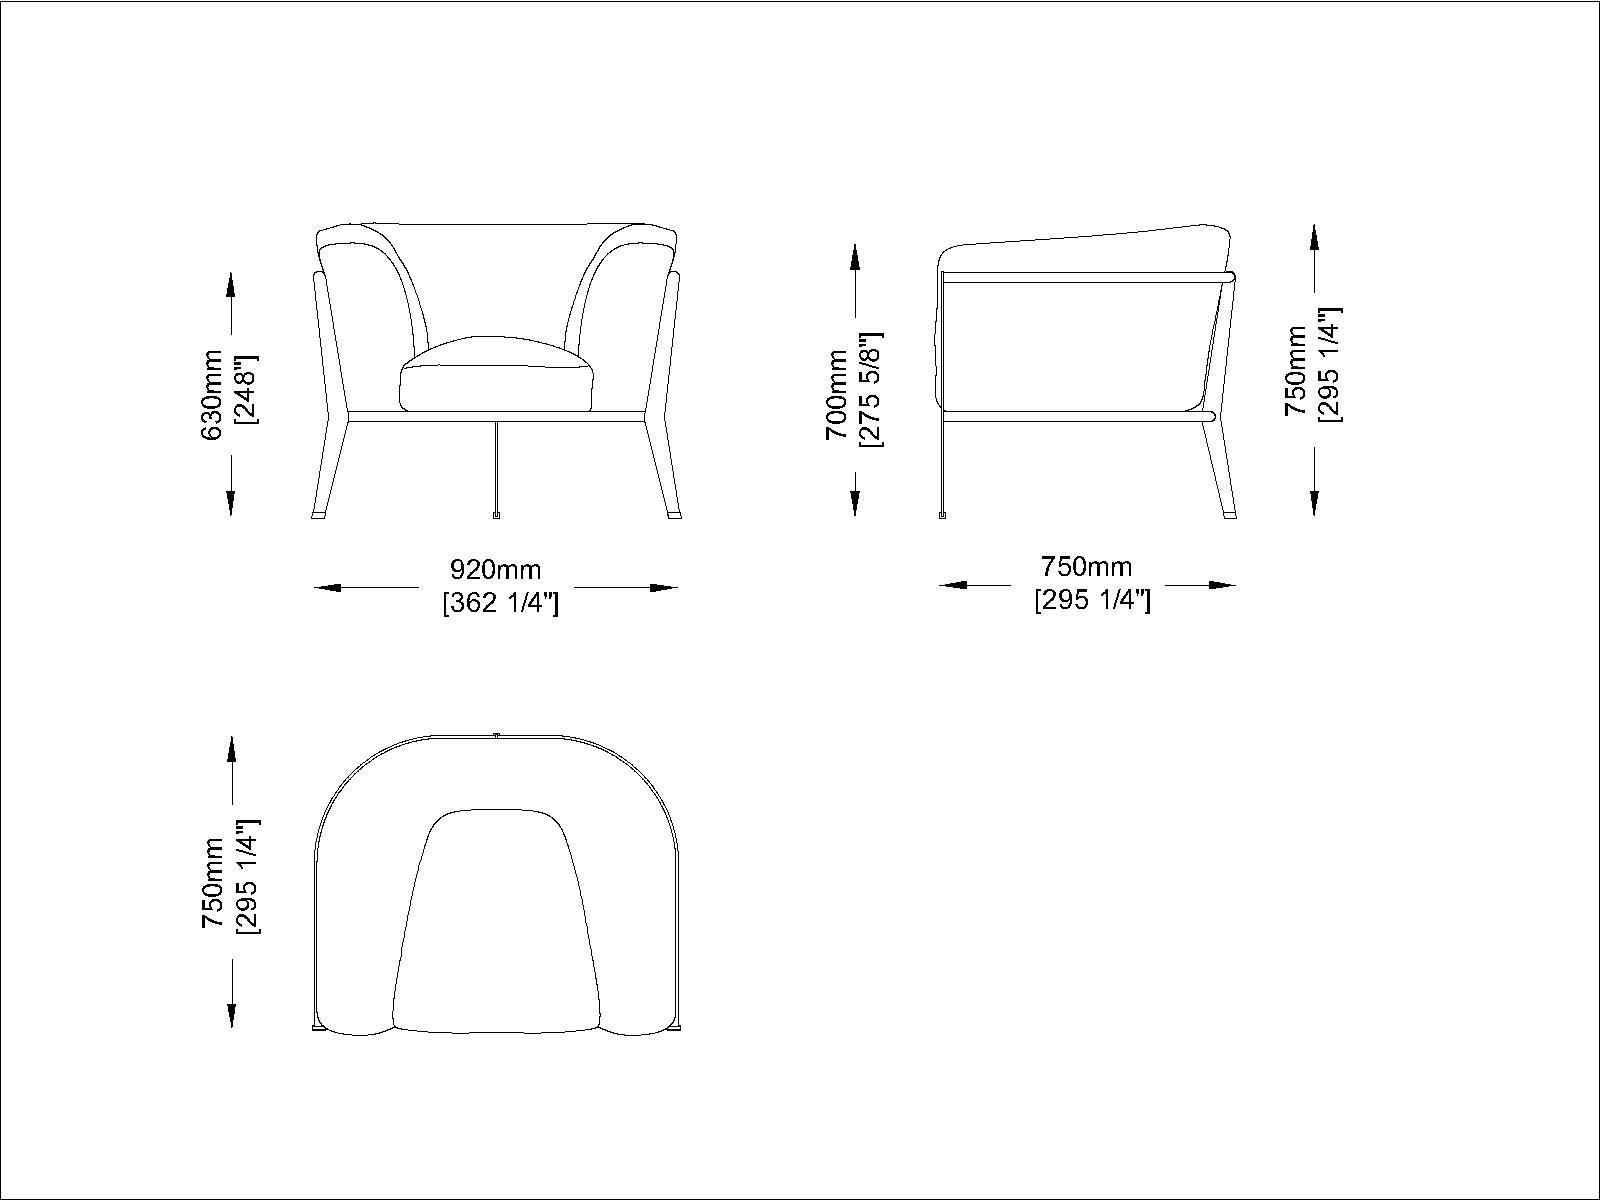 Coro Clea Sessel 920 x 750 x 630 mm Rahmen Edelstahl beschichtet